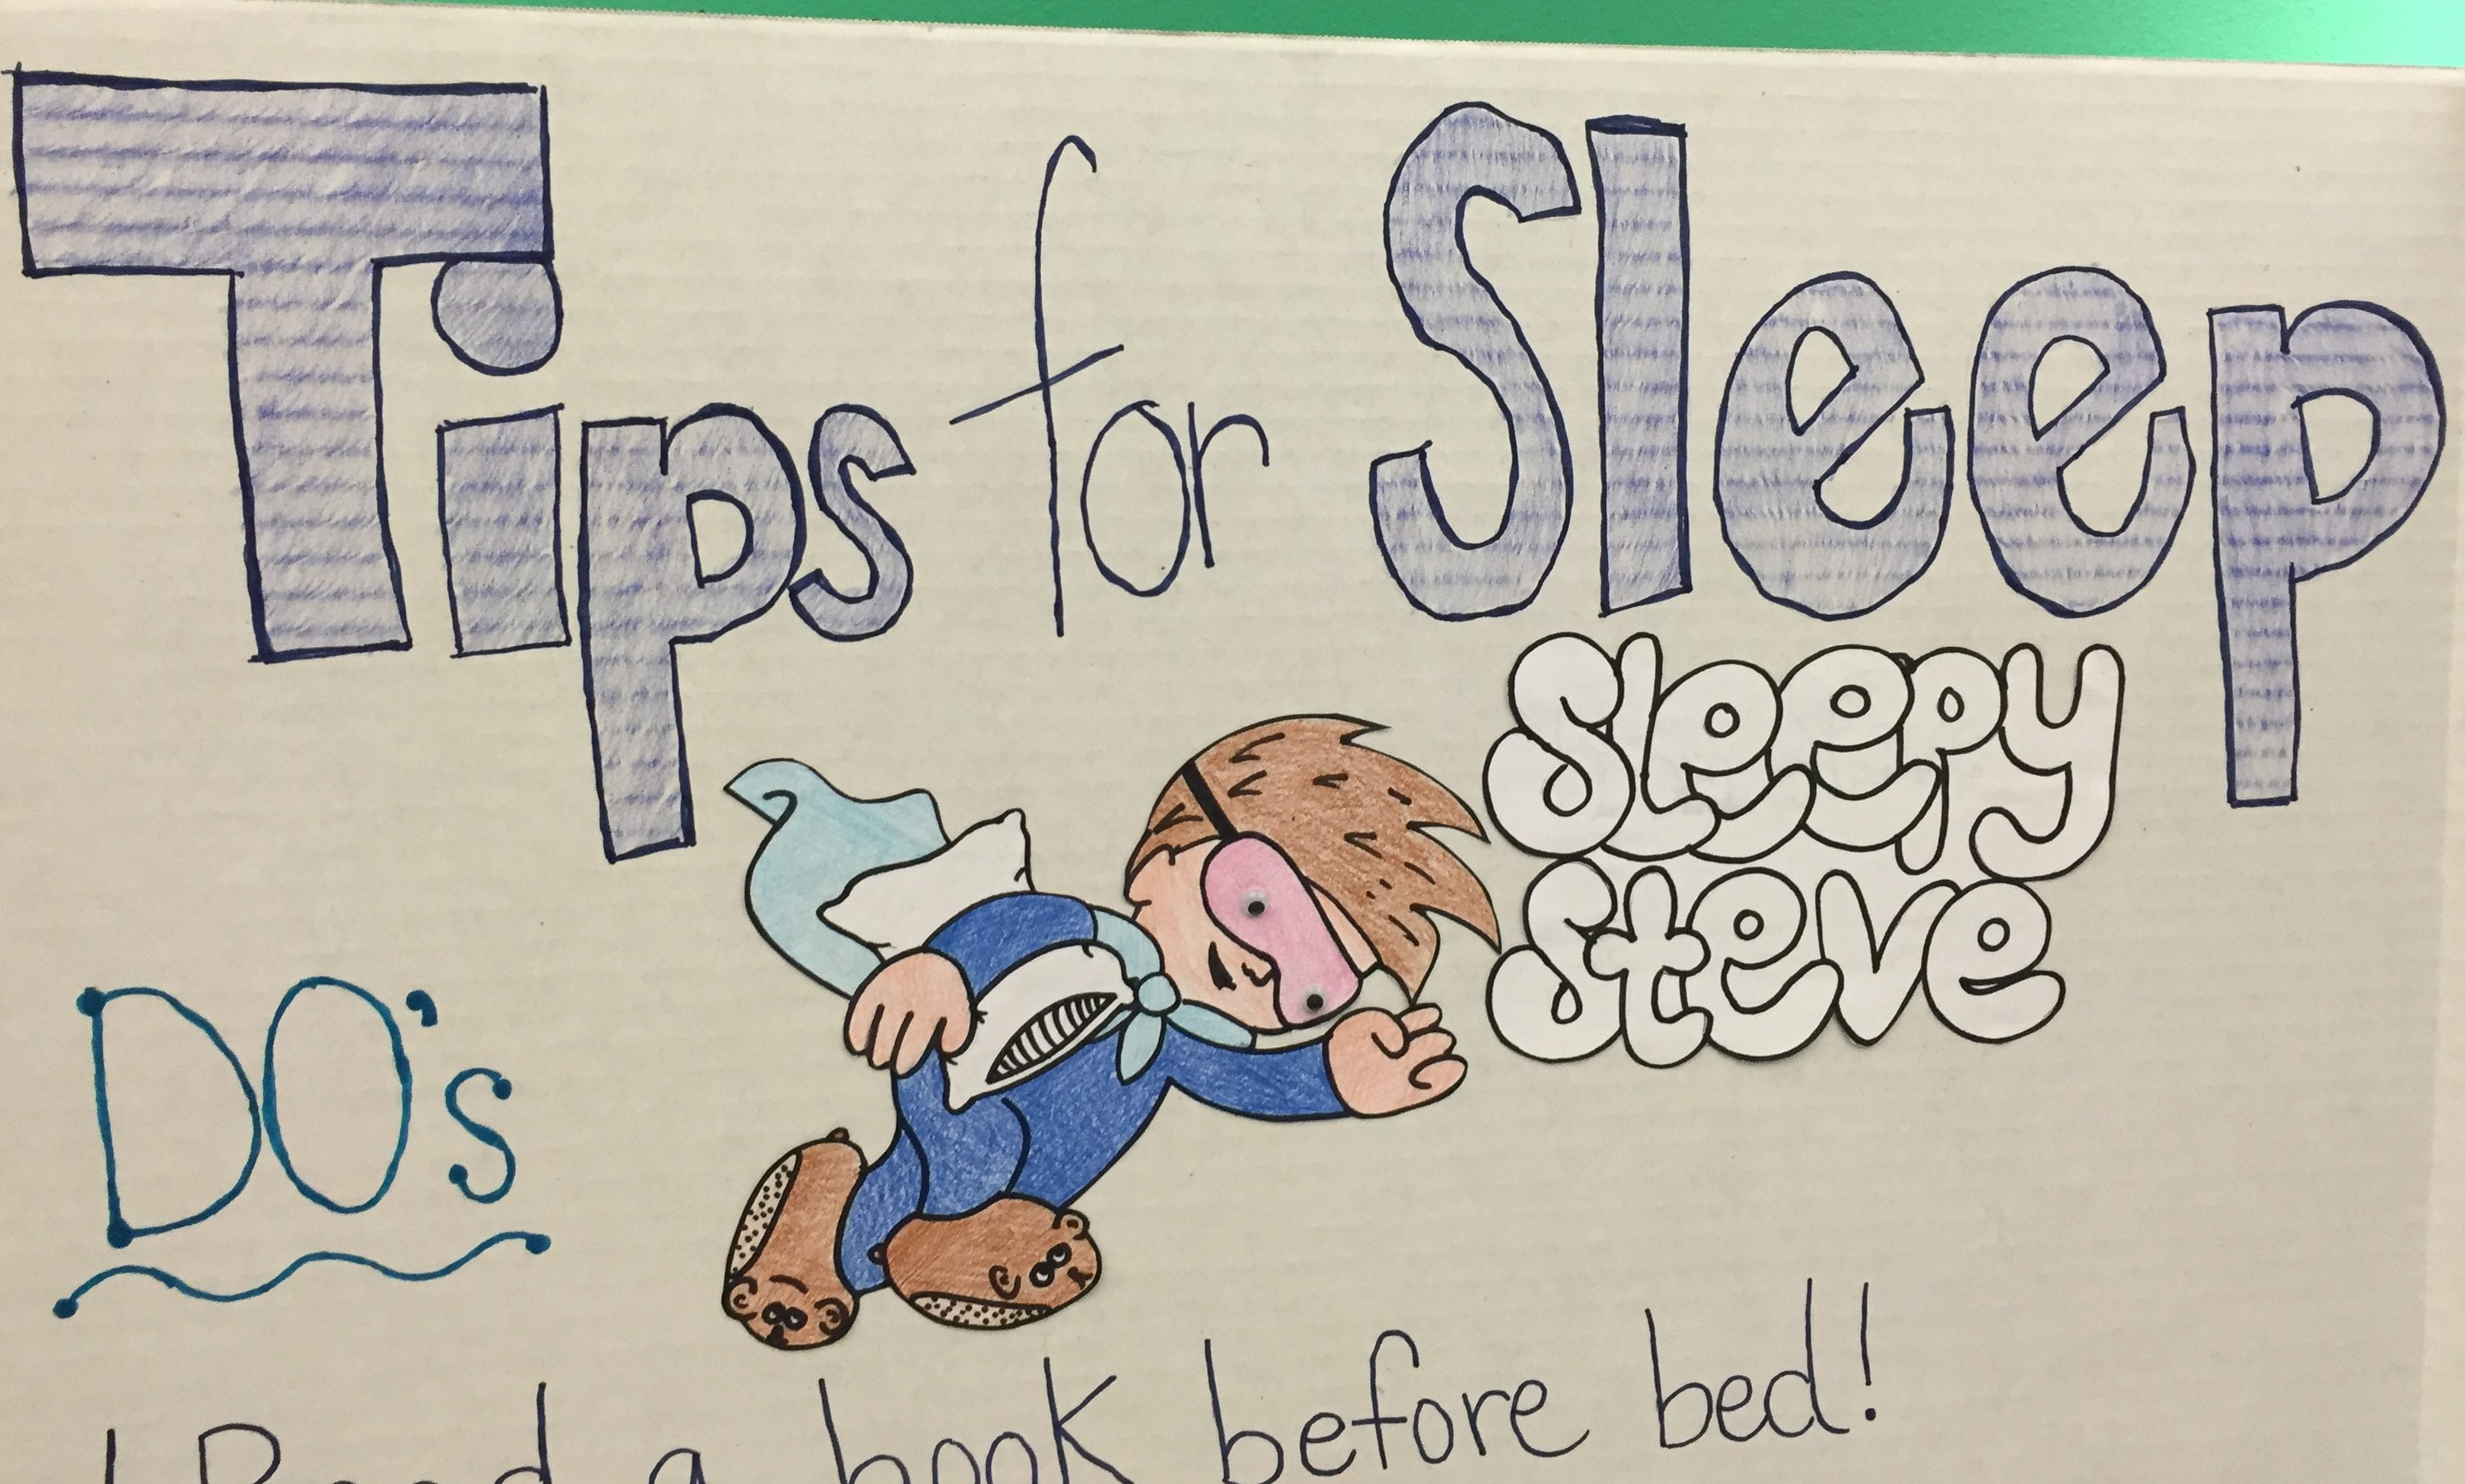 Tips for sleep - Sleepy Steve